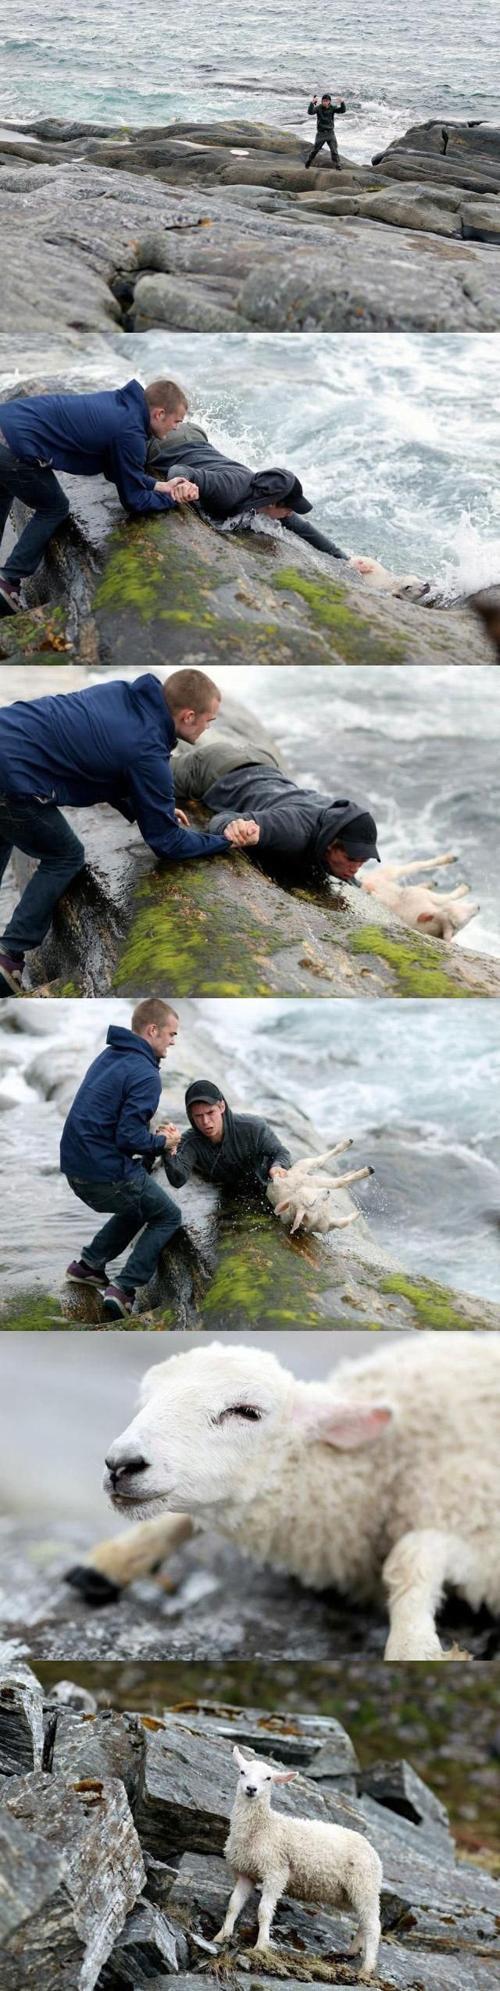 心温まる画像まとめ 海に落ちたヤギを救出